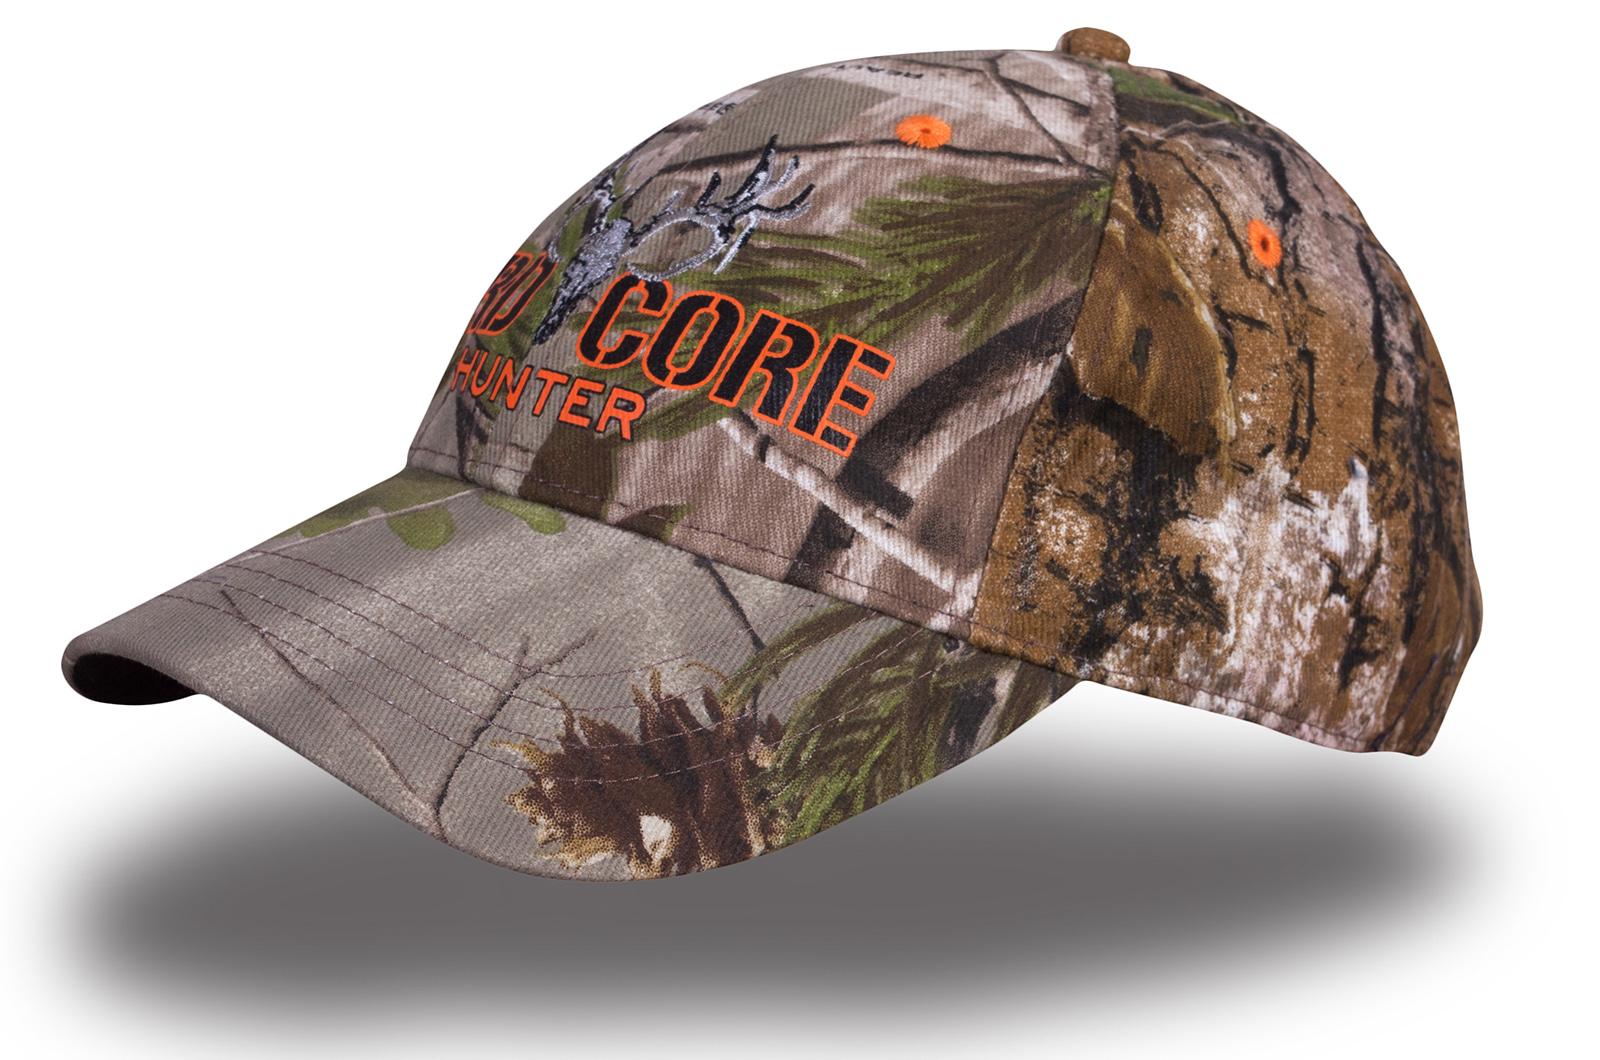 Кепка Hardcore Hunter - купить в интернет-магазине с доставкой